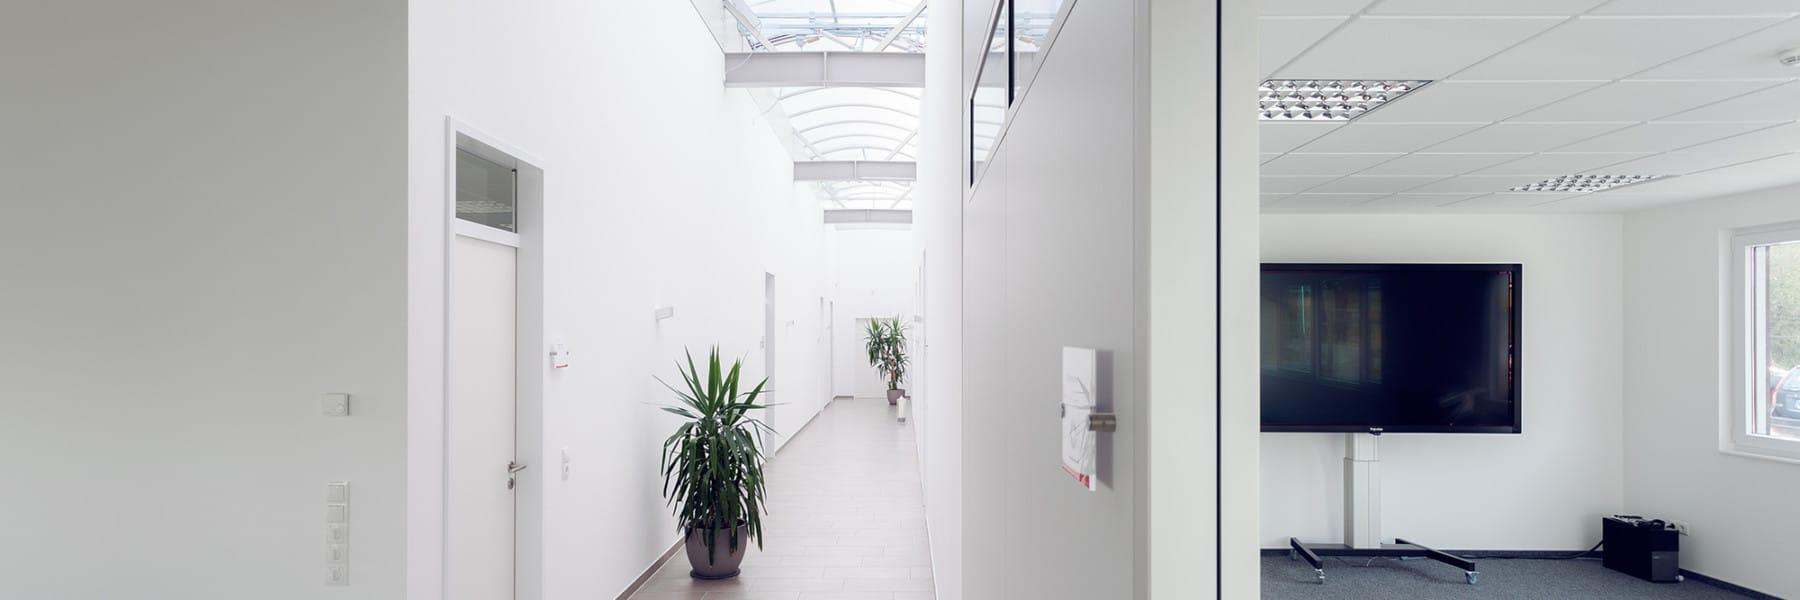 Erweiterung Ausstellungsgebäude